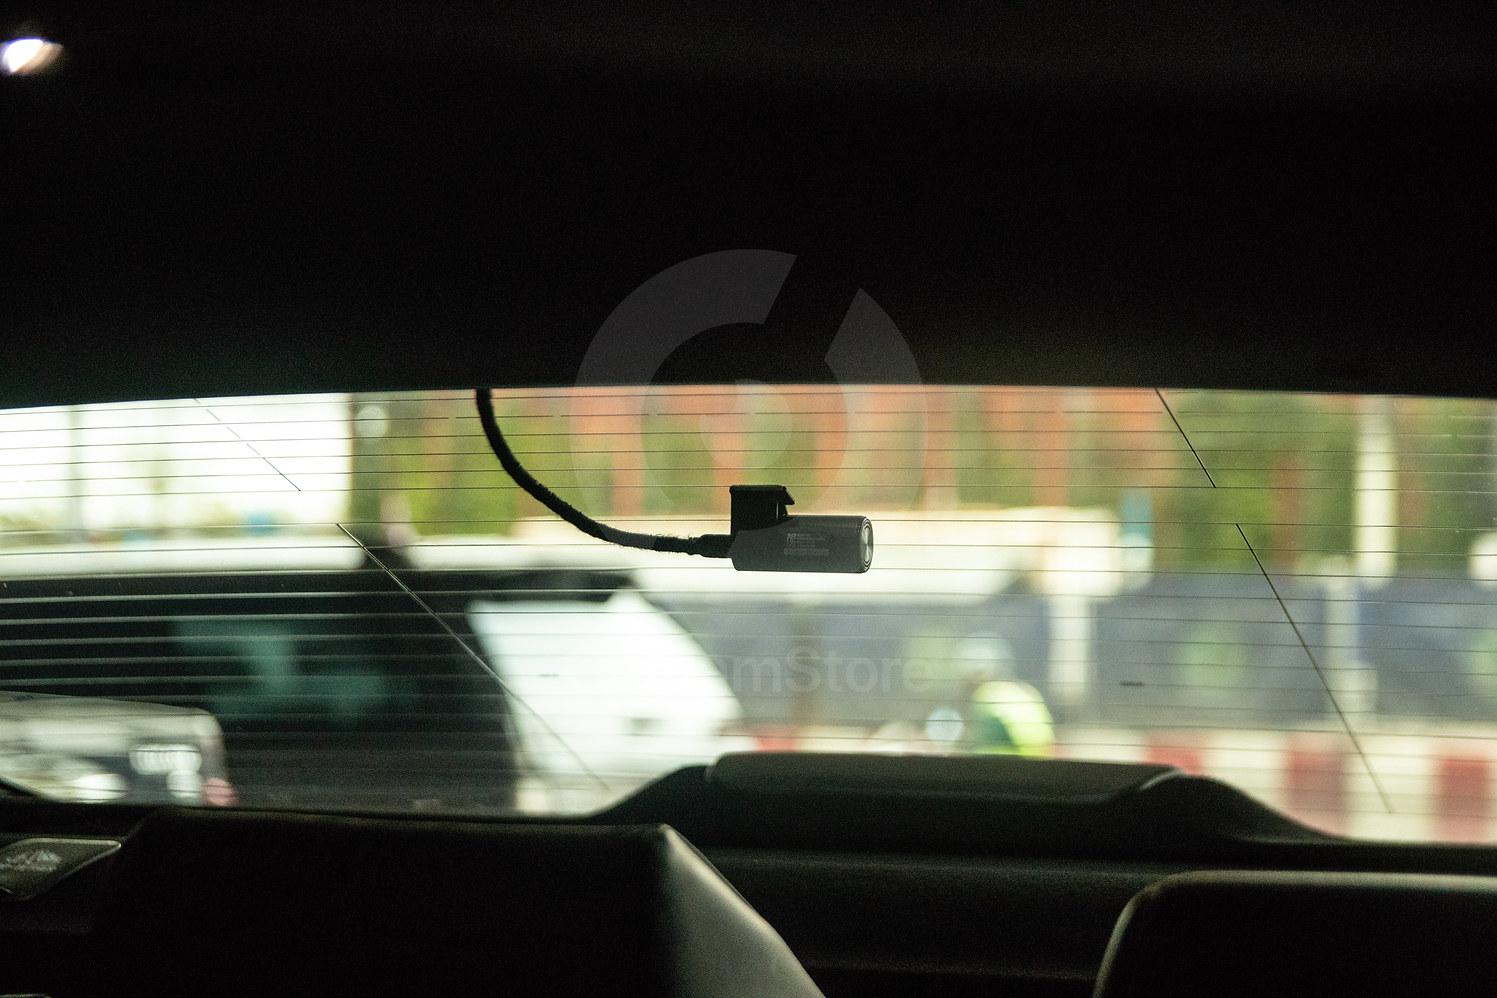 กล้องหลังติดตั้งลงมาประมาณ 4ขั้น เพื่อใช้งานม่านไฟฟ้าของรถได้ปกติ